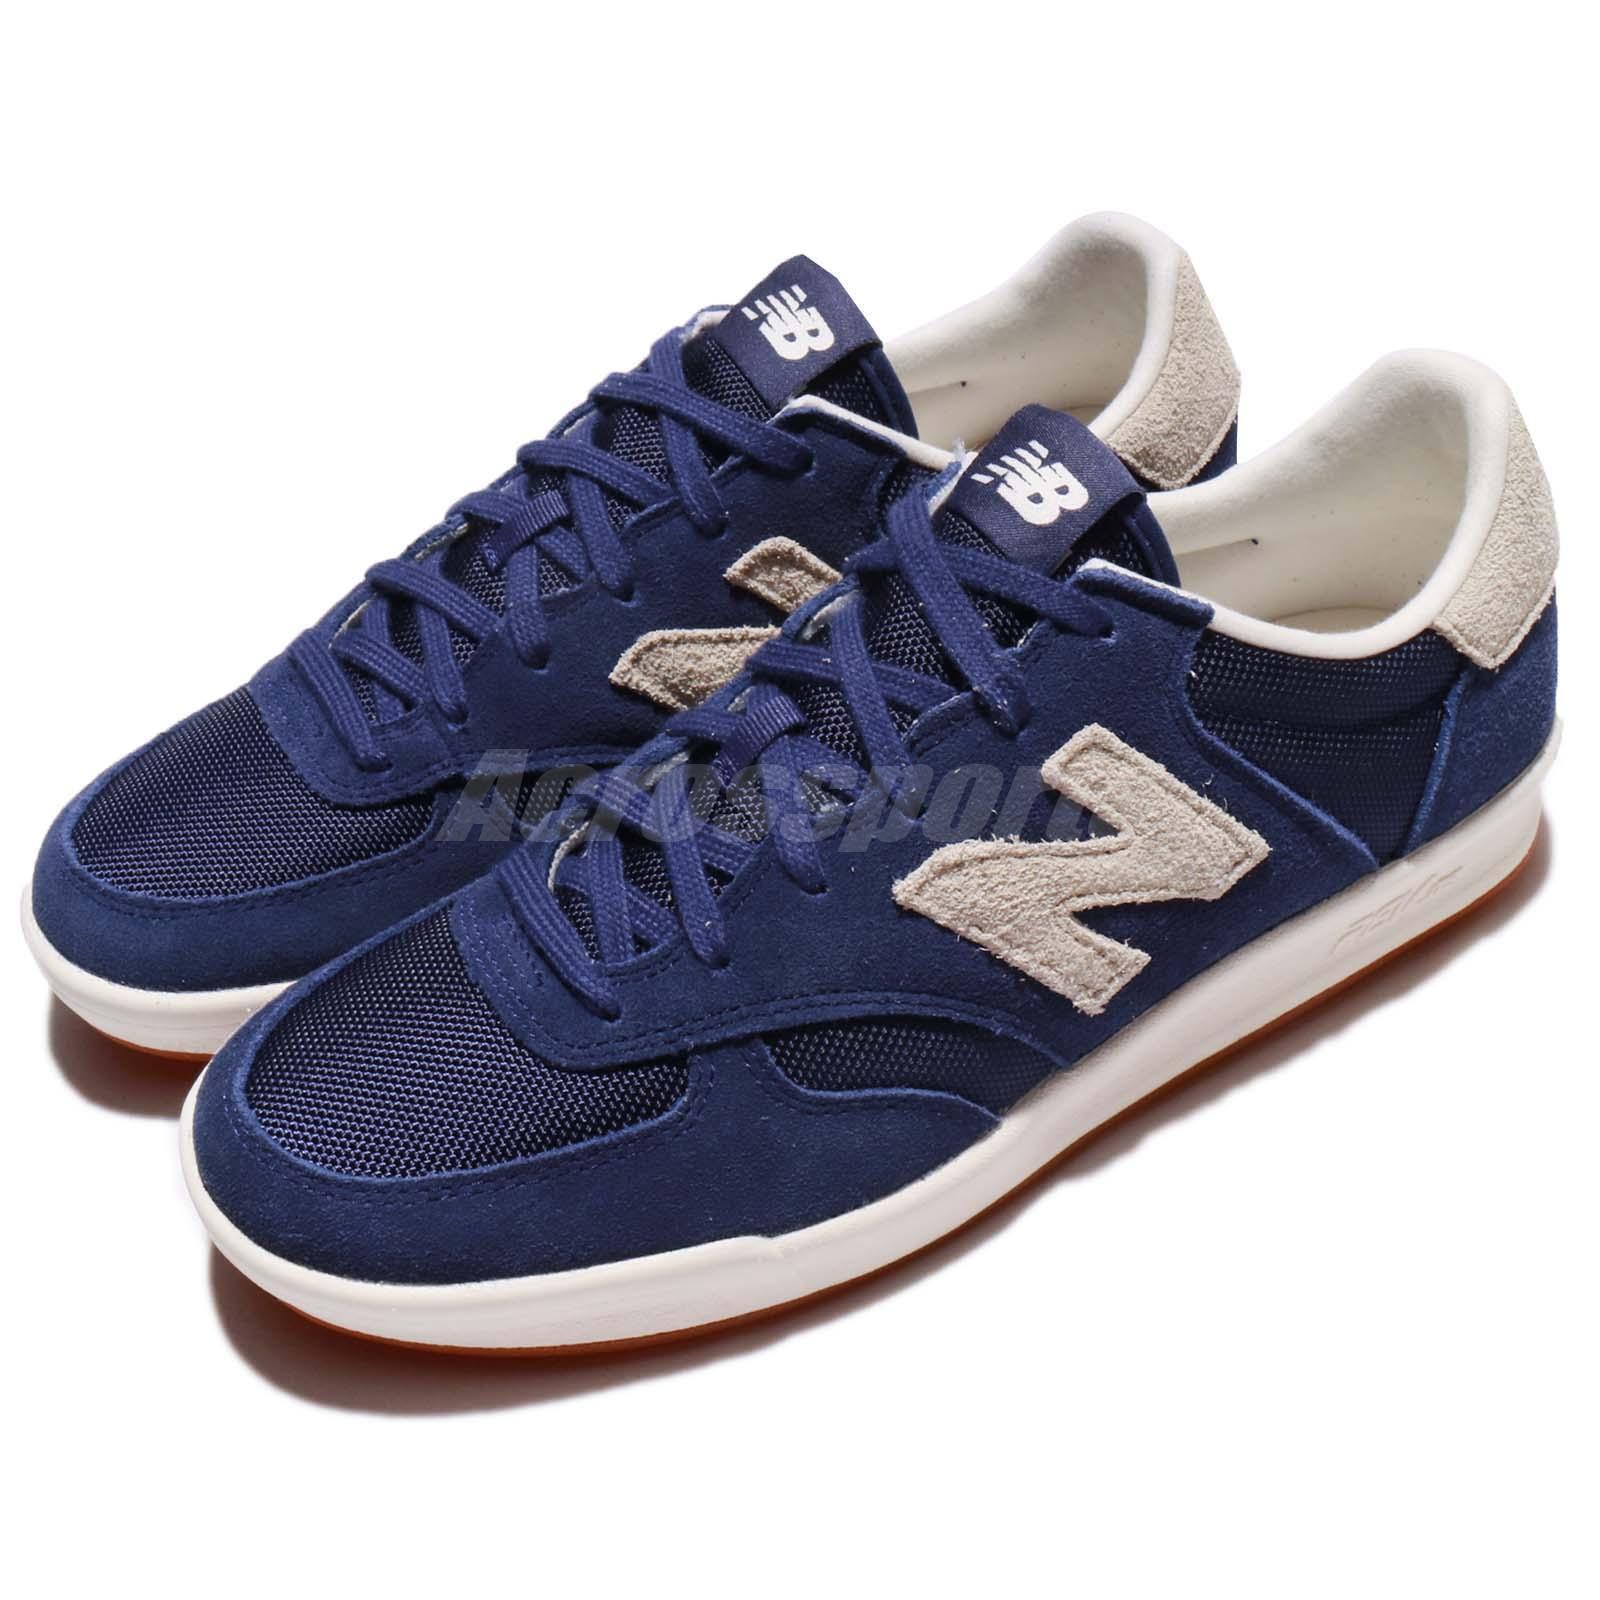 size 40 c8720 0fd2c New Balance CRT300SM D 300 Bleu Bleu Bleu Ivory Suede Men Chaussures  Baskets CRT300 SMD b3d179